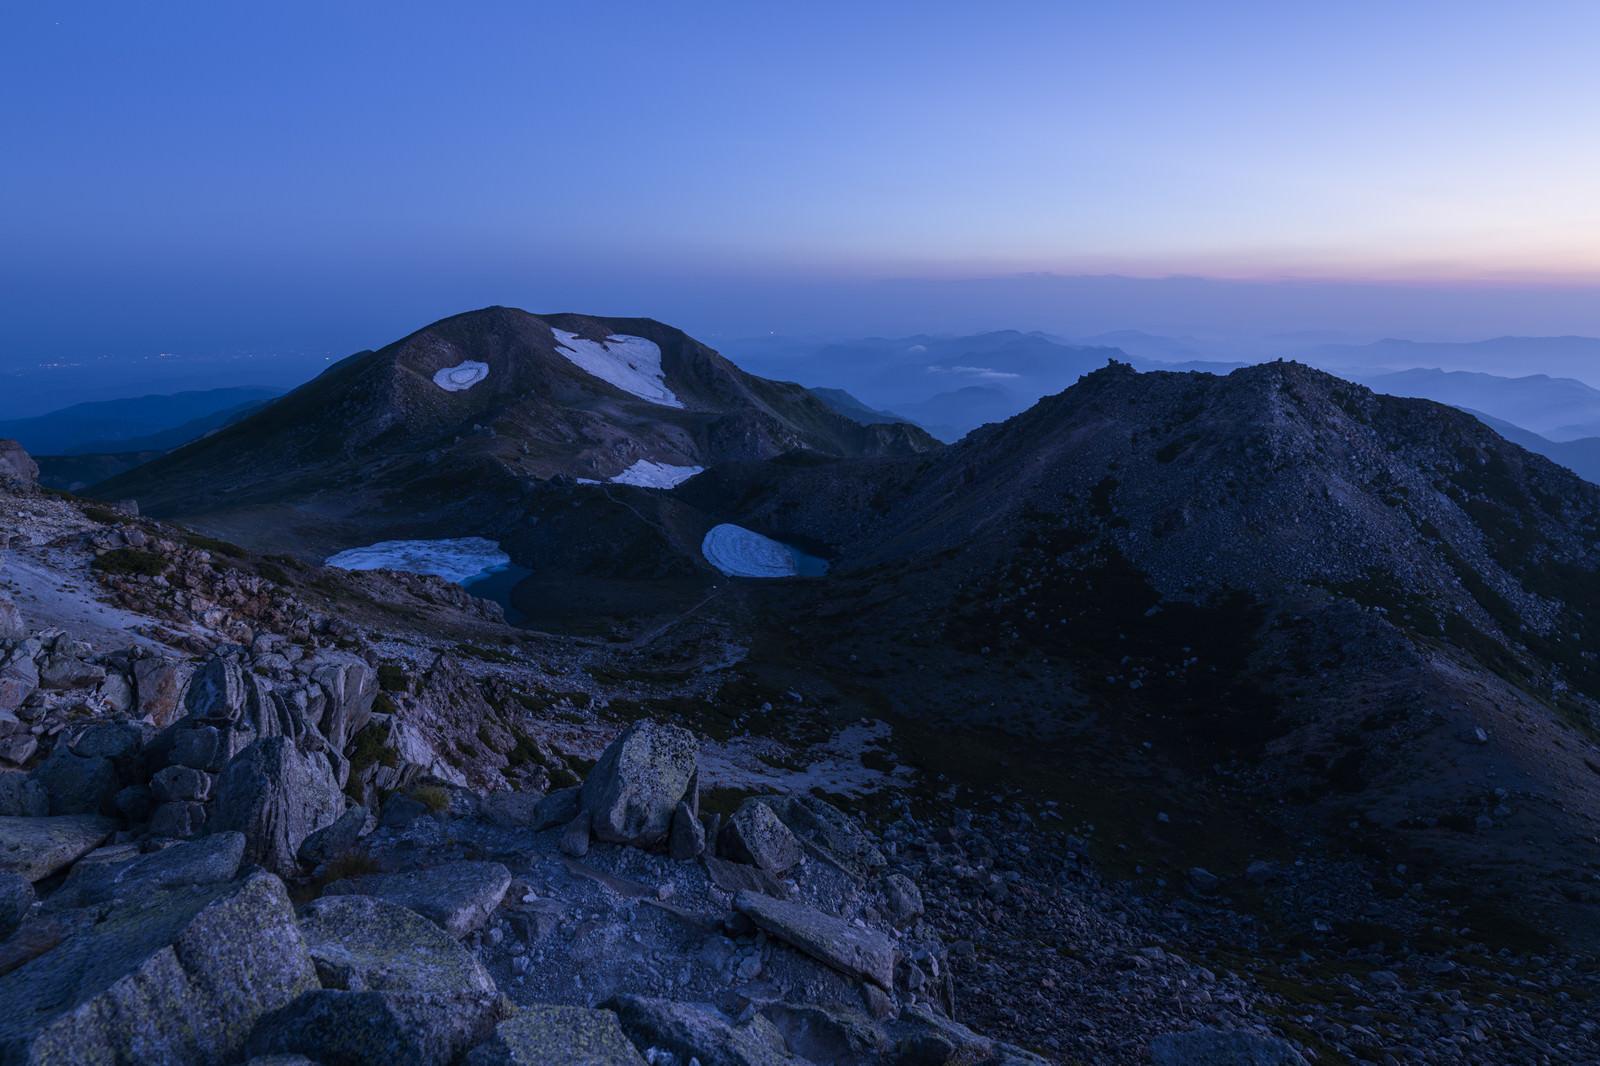 「夜明けを待つ大汝峰と剣ヶ峰(白山)」の写真